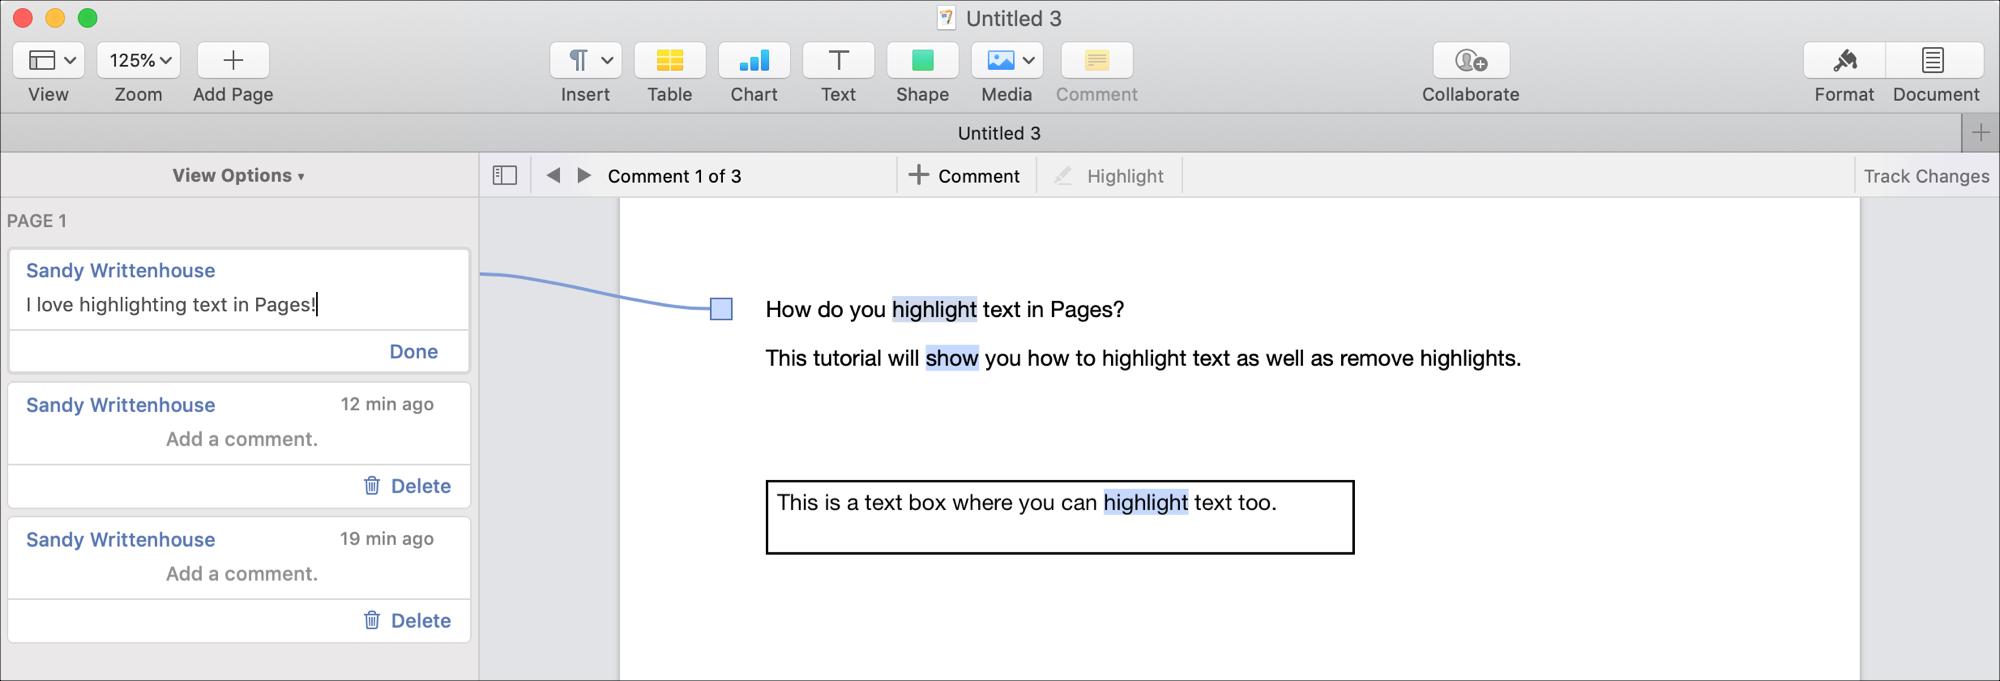 Resaltar comentarios de texto en páginas en Mac